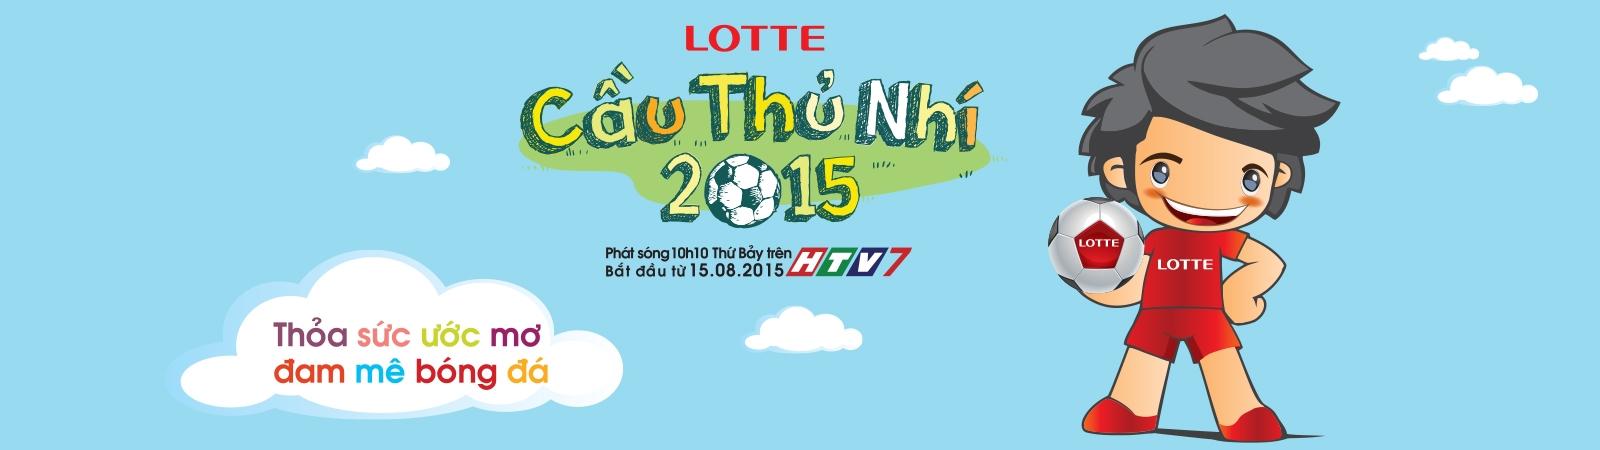 Tập 9 - Cầu Thủ Nhí 2015